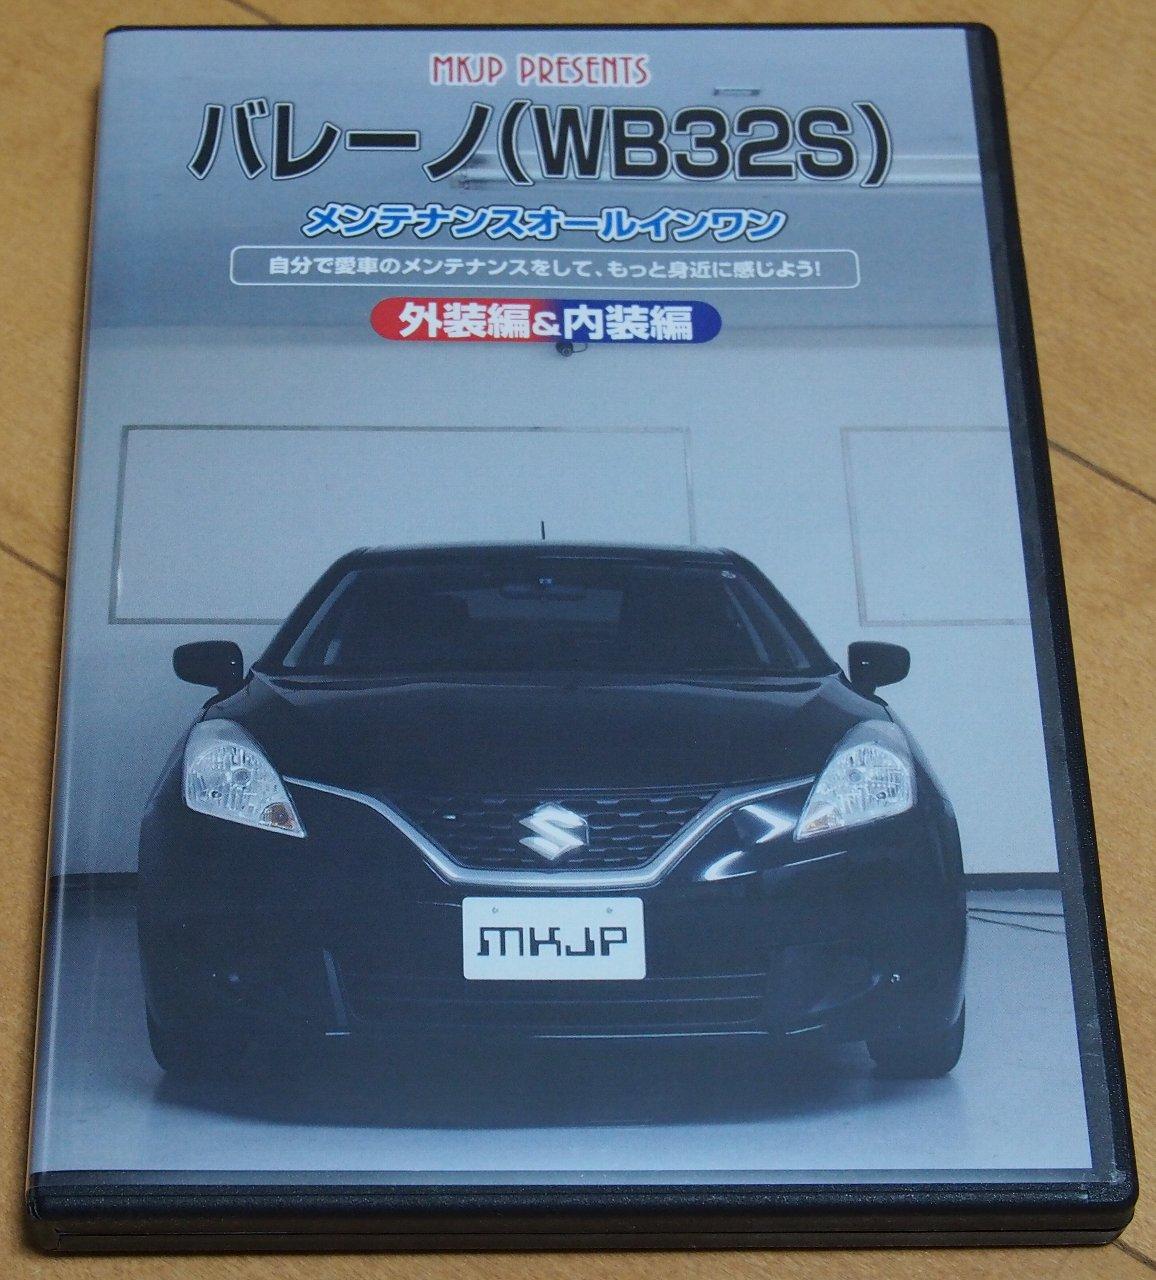 メンテナンスDVDショップMKJP バレーノ(WB32S) メンテナンスDVD